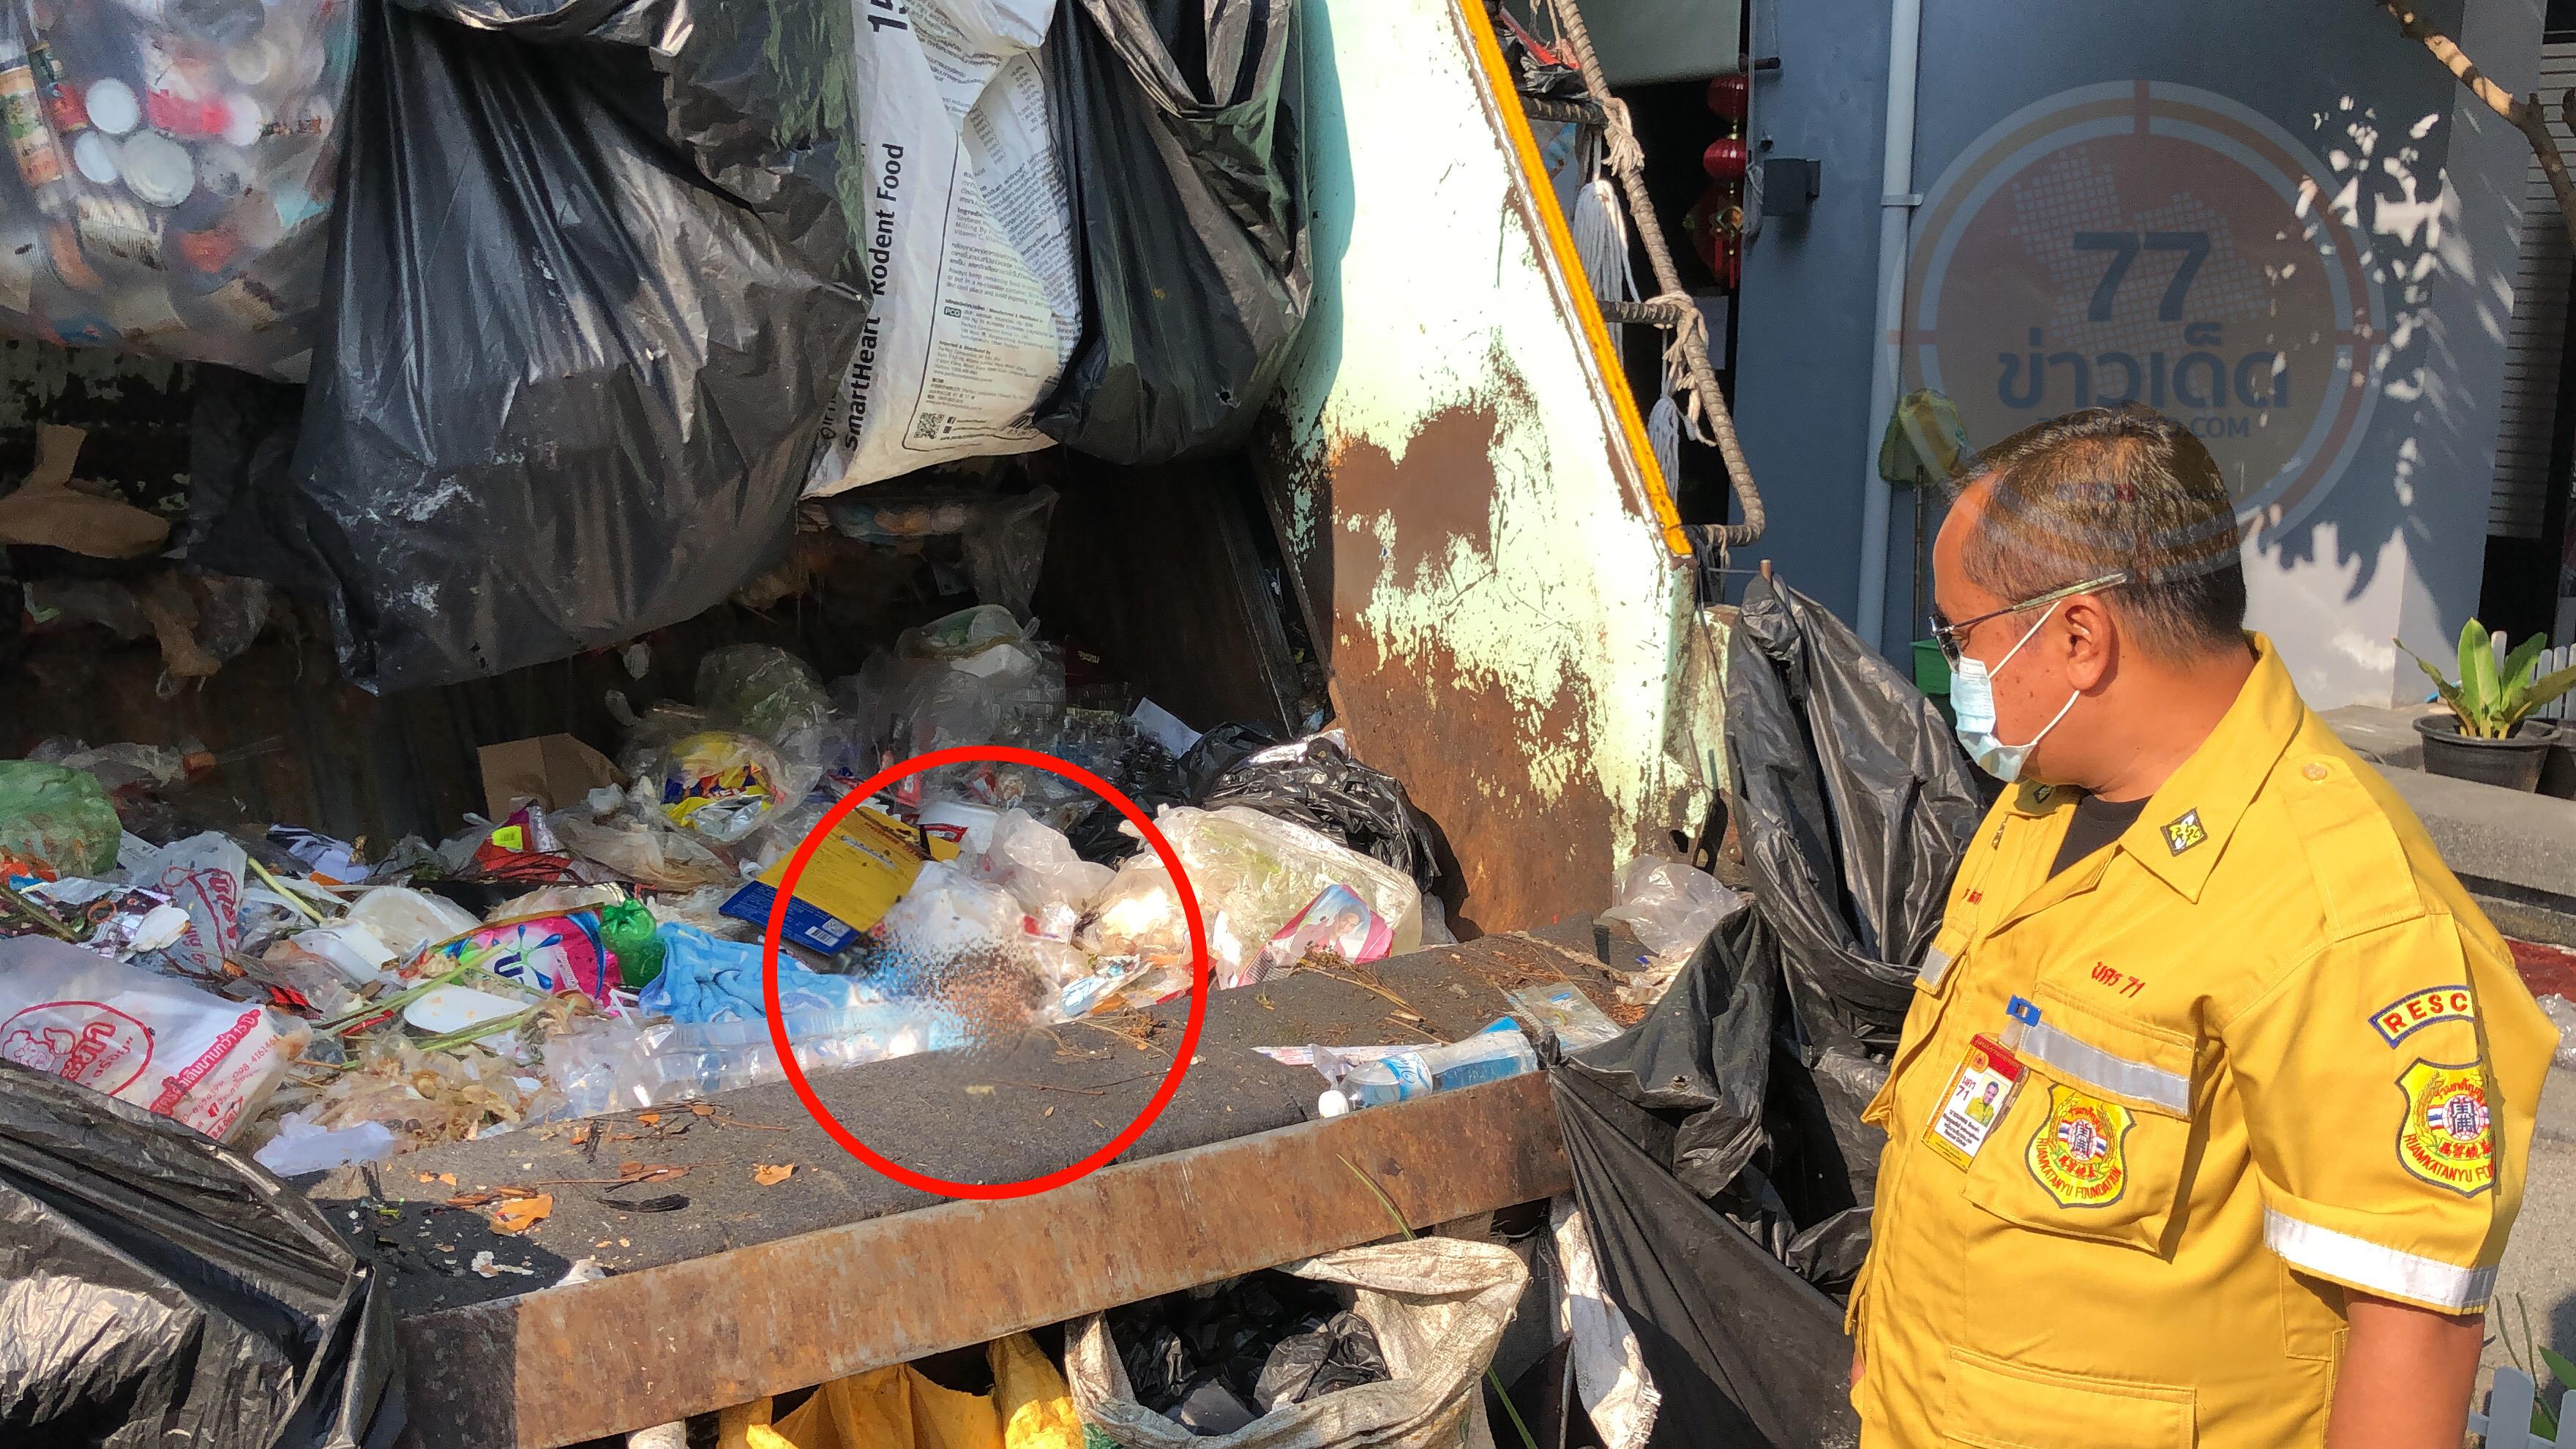 สลด พบศพเด็กทารกถูกทิ้งถังขยะย่านนนทบุรี จนท.เร่งติดตามแม่ใจยักษ์ให้ปากคำ